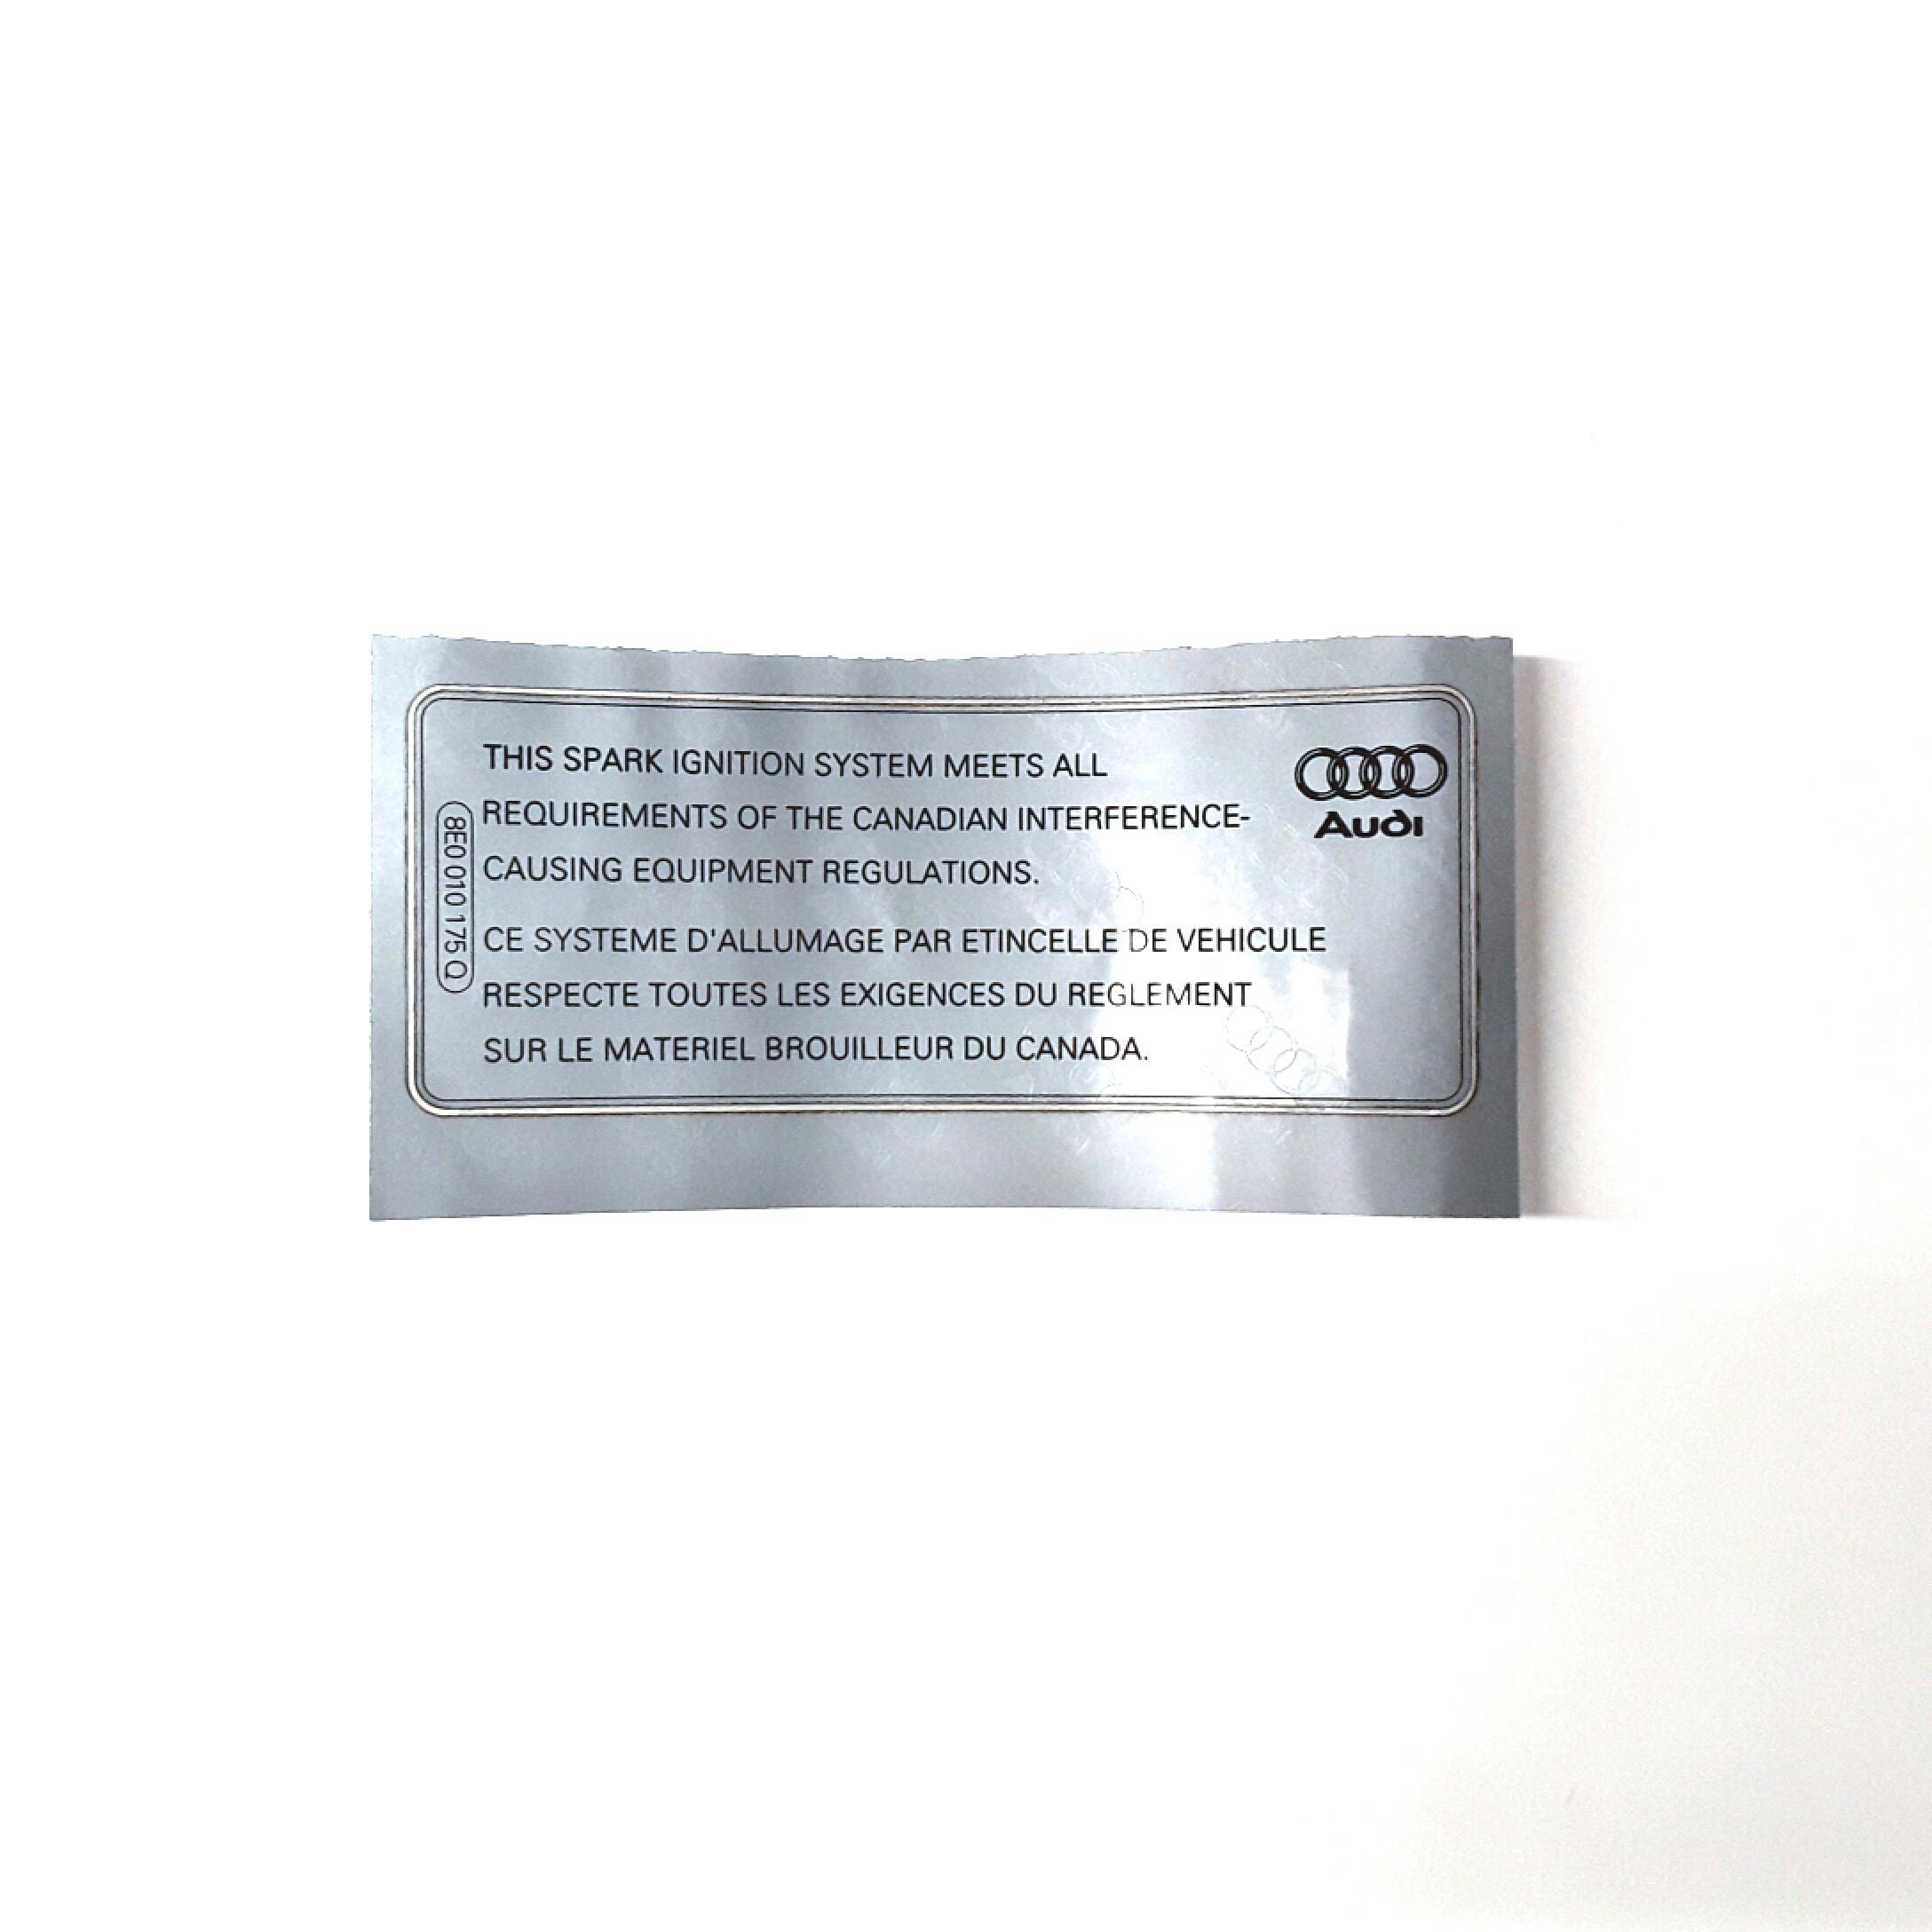 2014 Audi Q5 Label  2 0 Liter  Ignition System  Engine